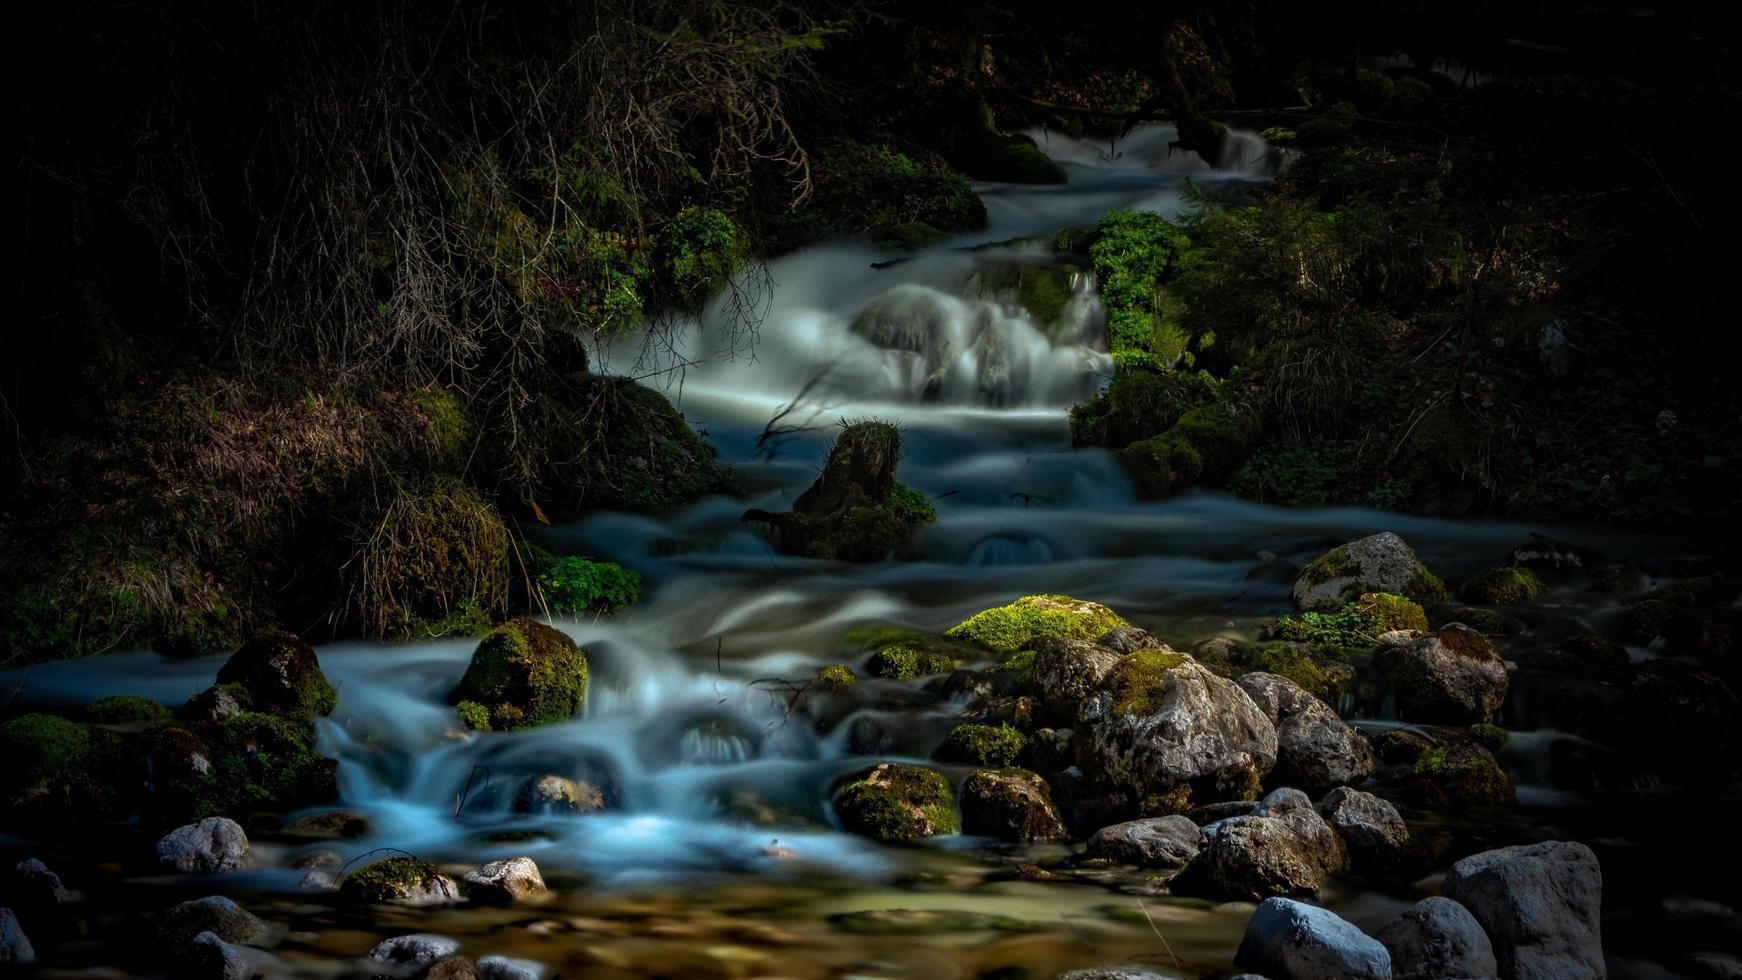 cascate in una foresta oscura foto